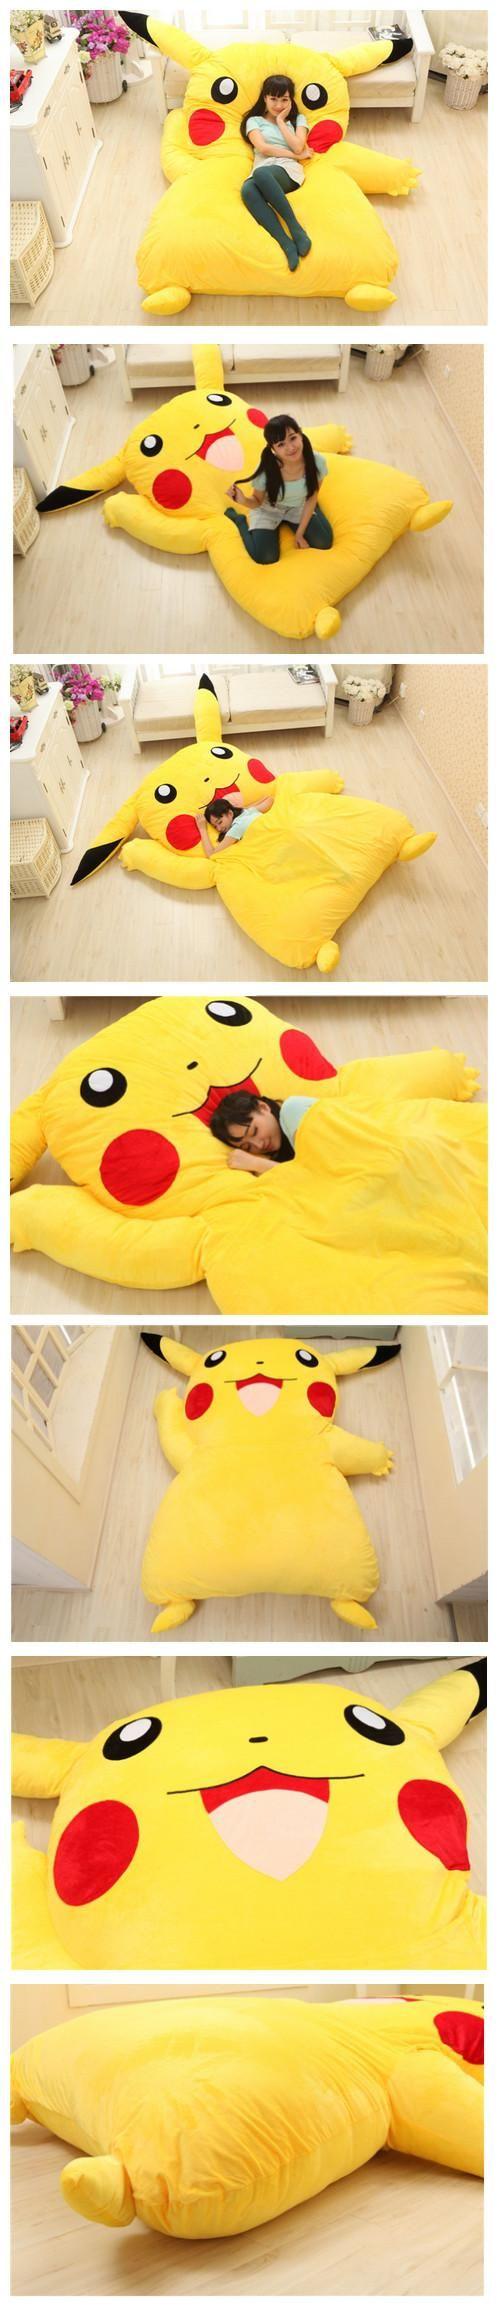 Venda Por Atacado Projeto Pikachu Grande Sofá 2.1m * 1.5m Pikachu Dedpika Chu Cama De Casal Pikachu Saco De Dormir Em Kingkraey, $314.14 Em Pt.Dhgate.Com | Dhgate